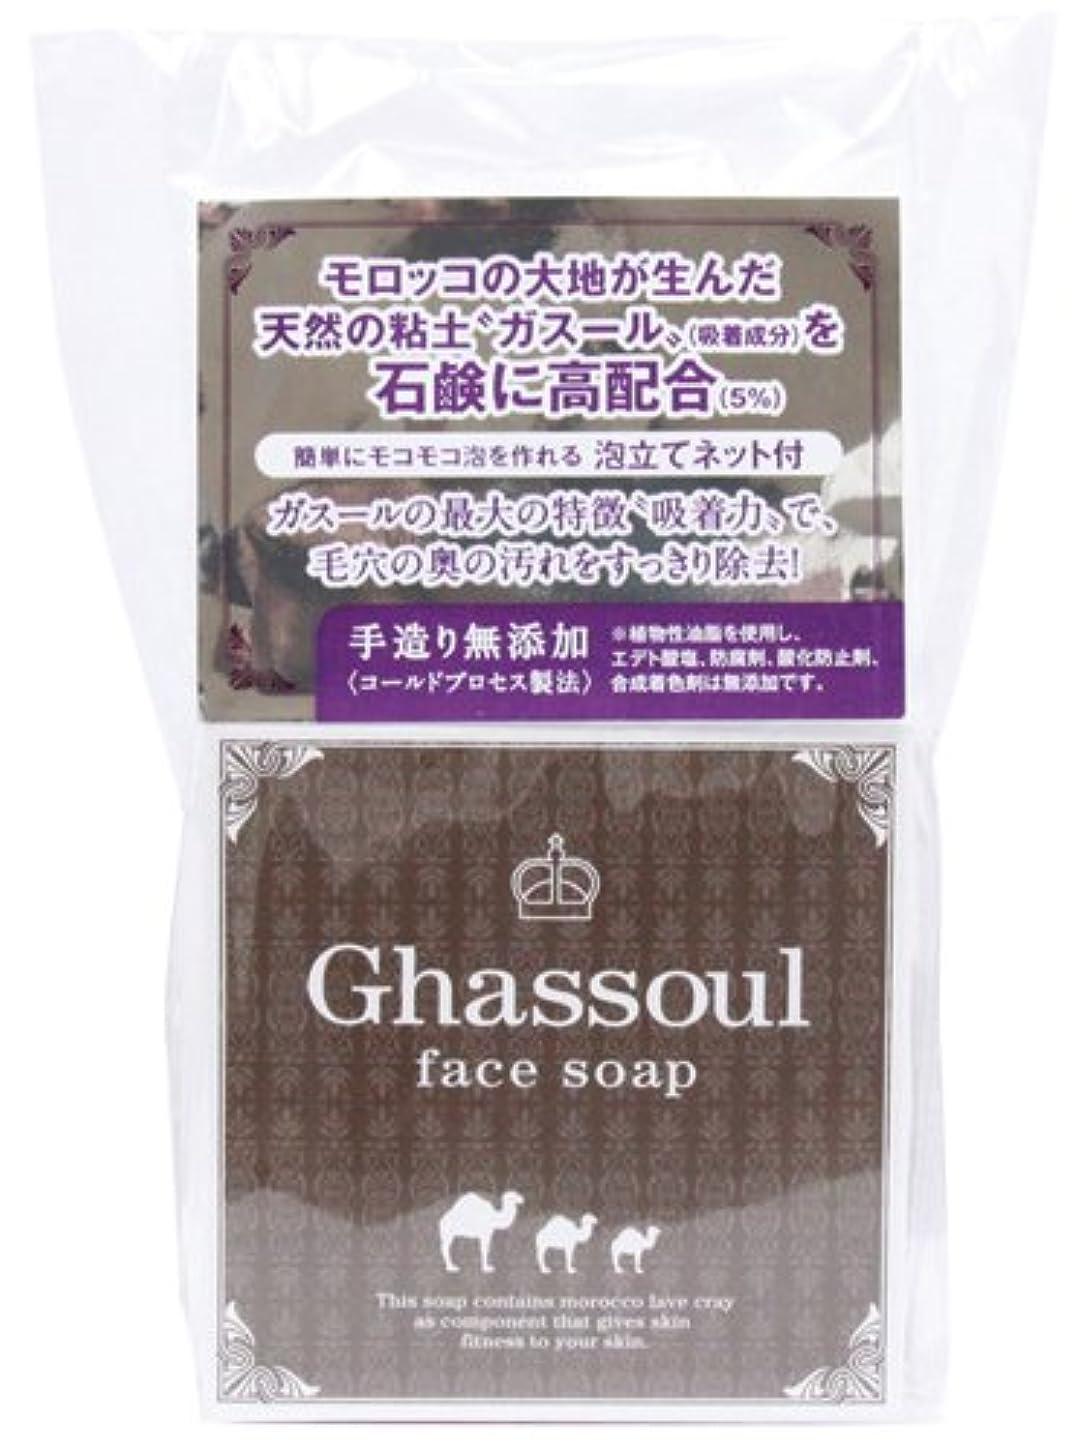 バラバラにするにんじん効能あるGhassoul face soap ガスールフェイスソープ 100g